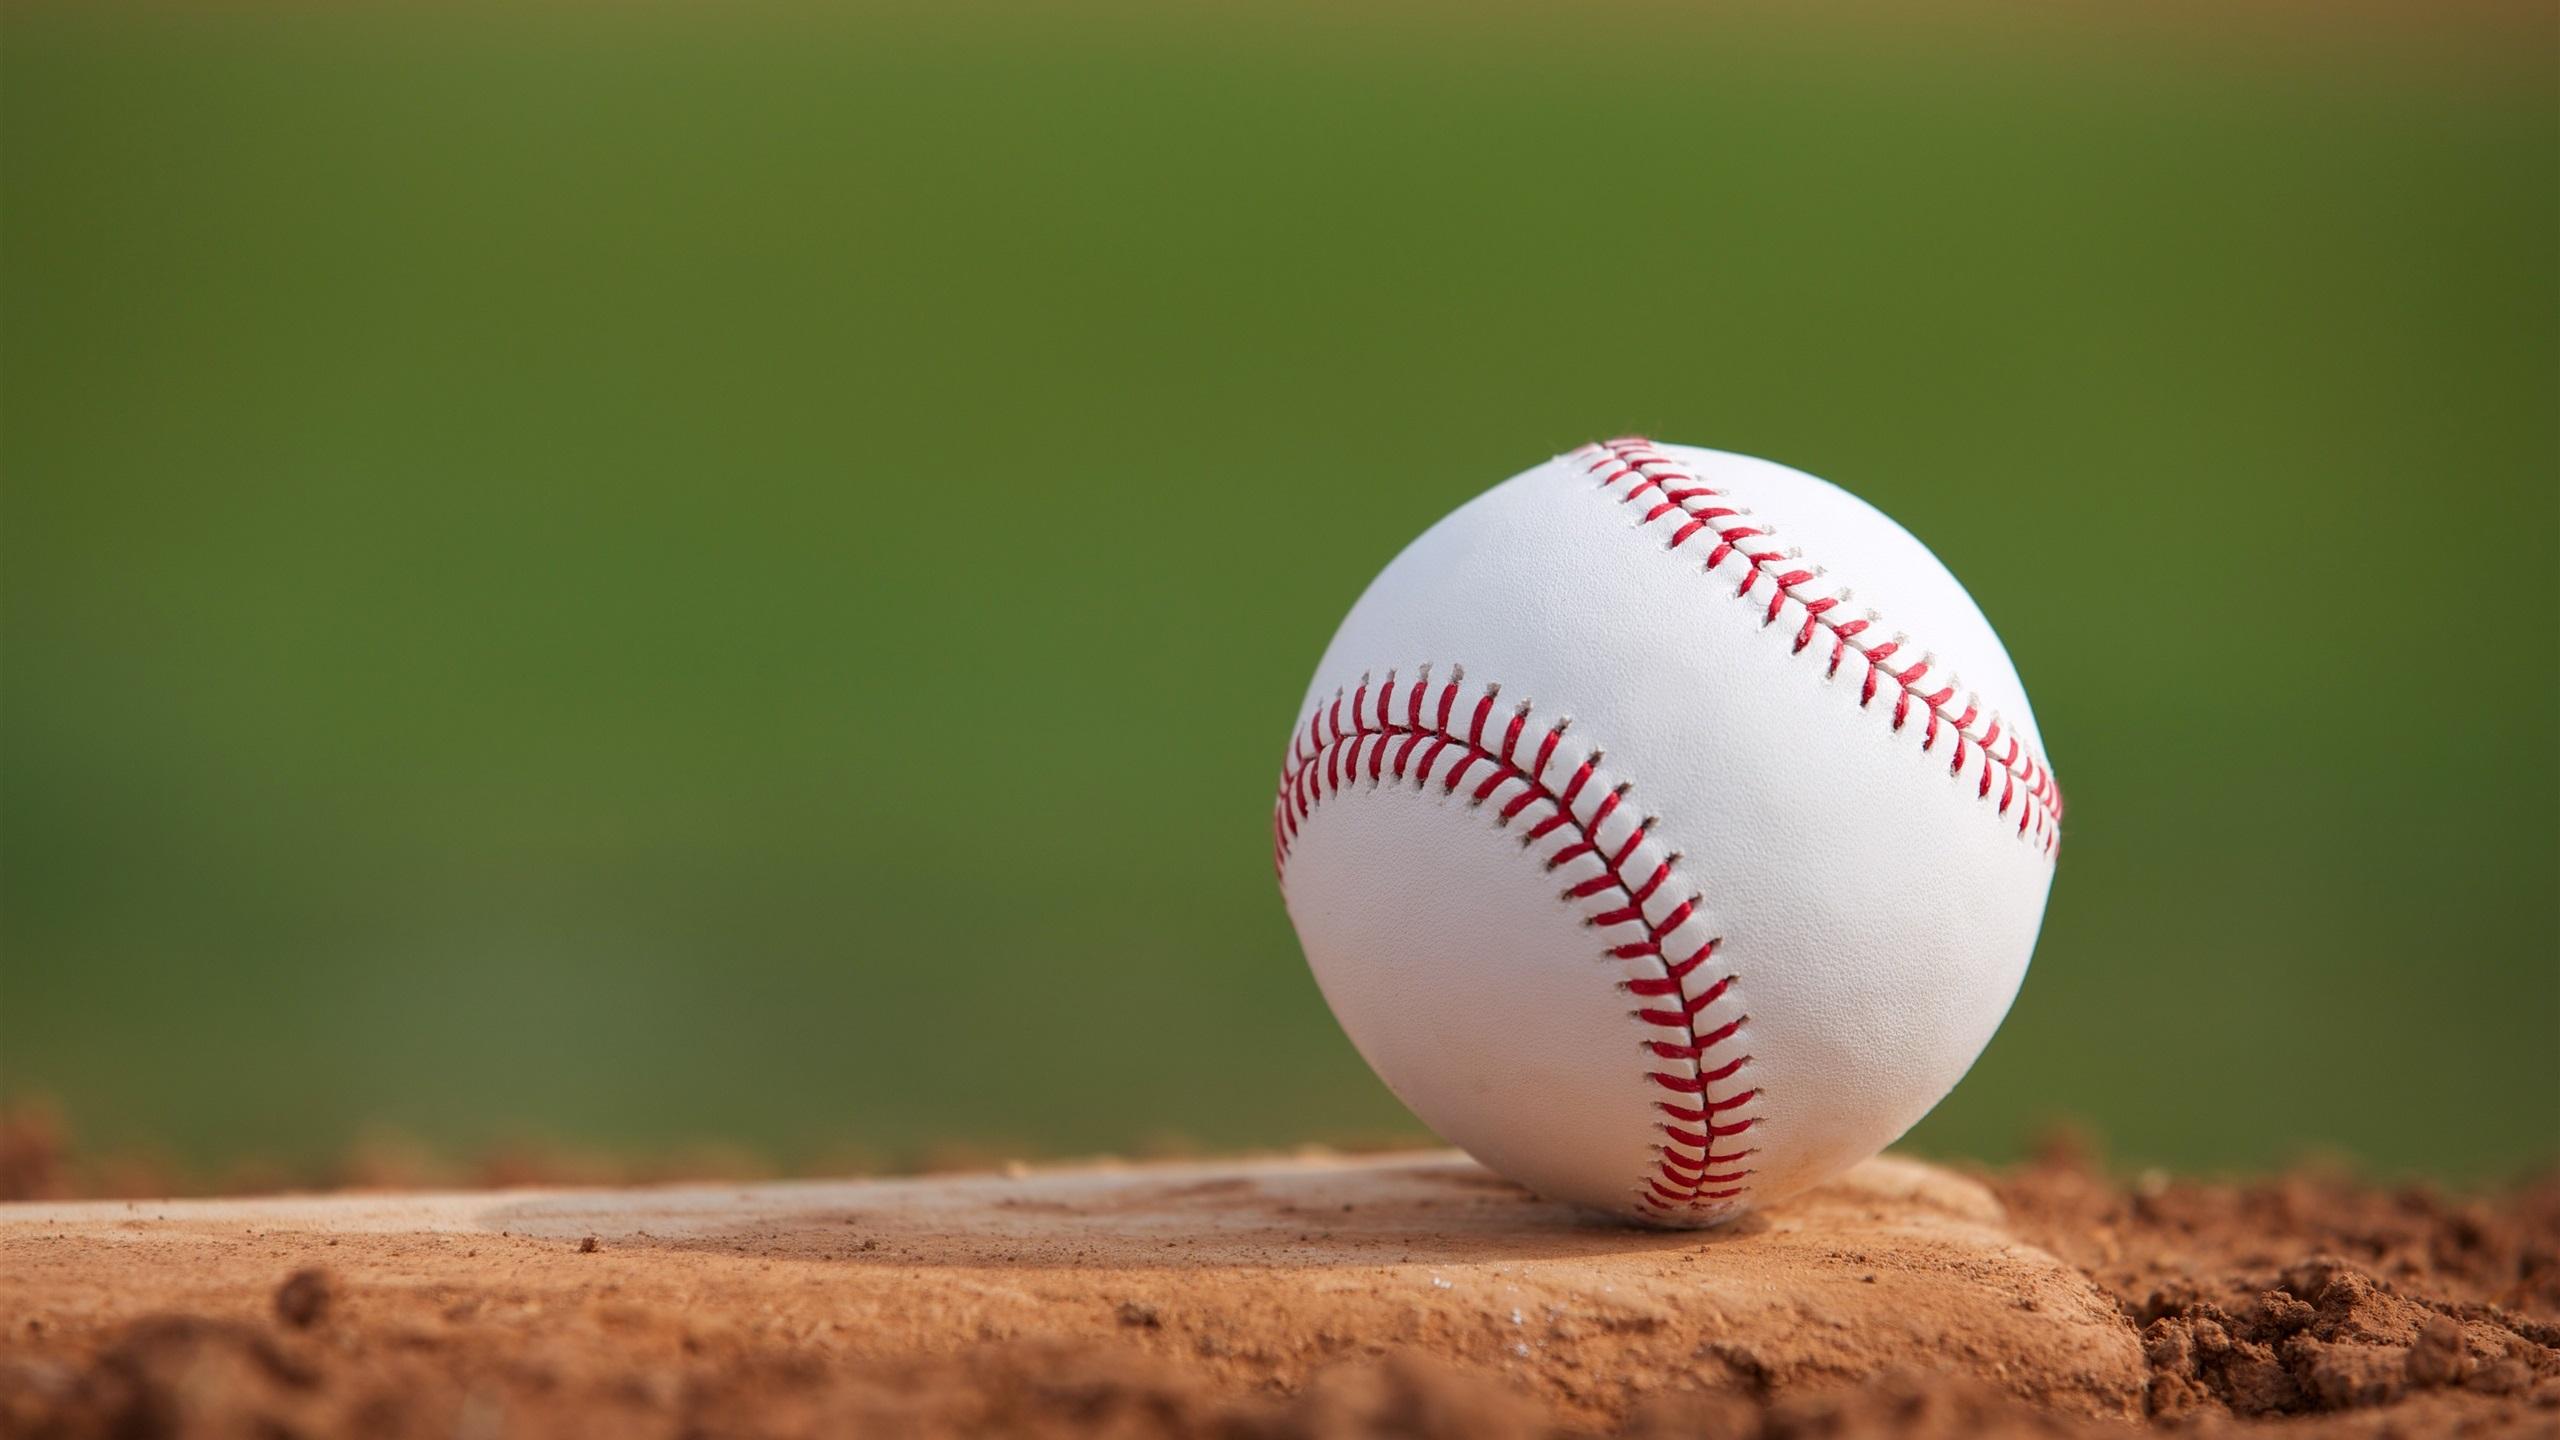 壁紙 地面に野球 2560x1600 Hd 無料のデスクトップの背景 画像